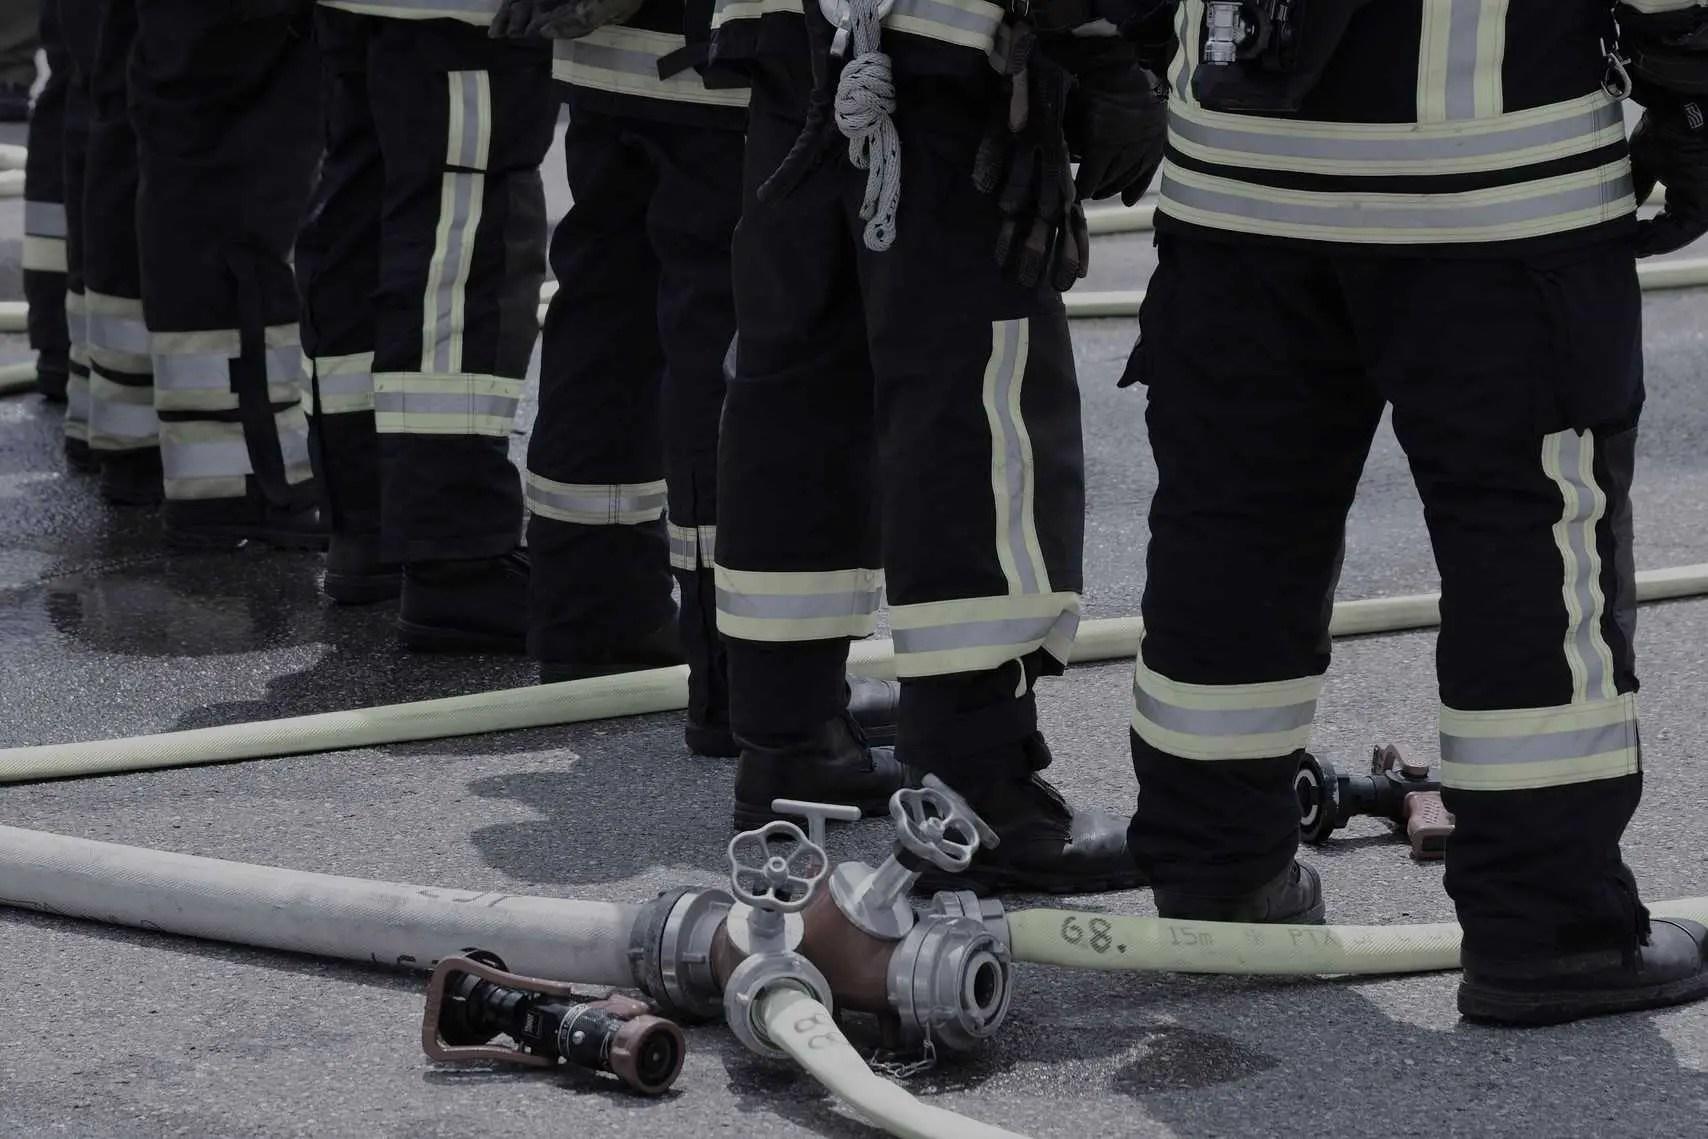 Feuerwehr in Trauer